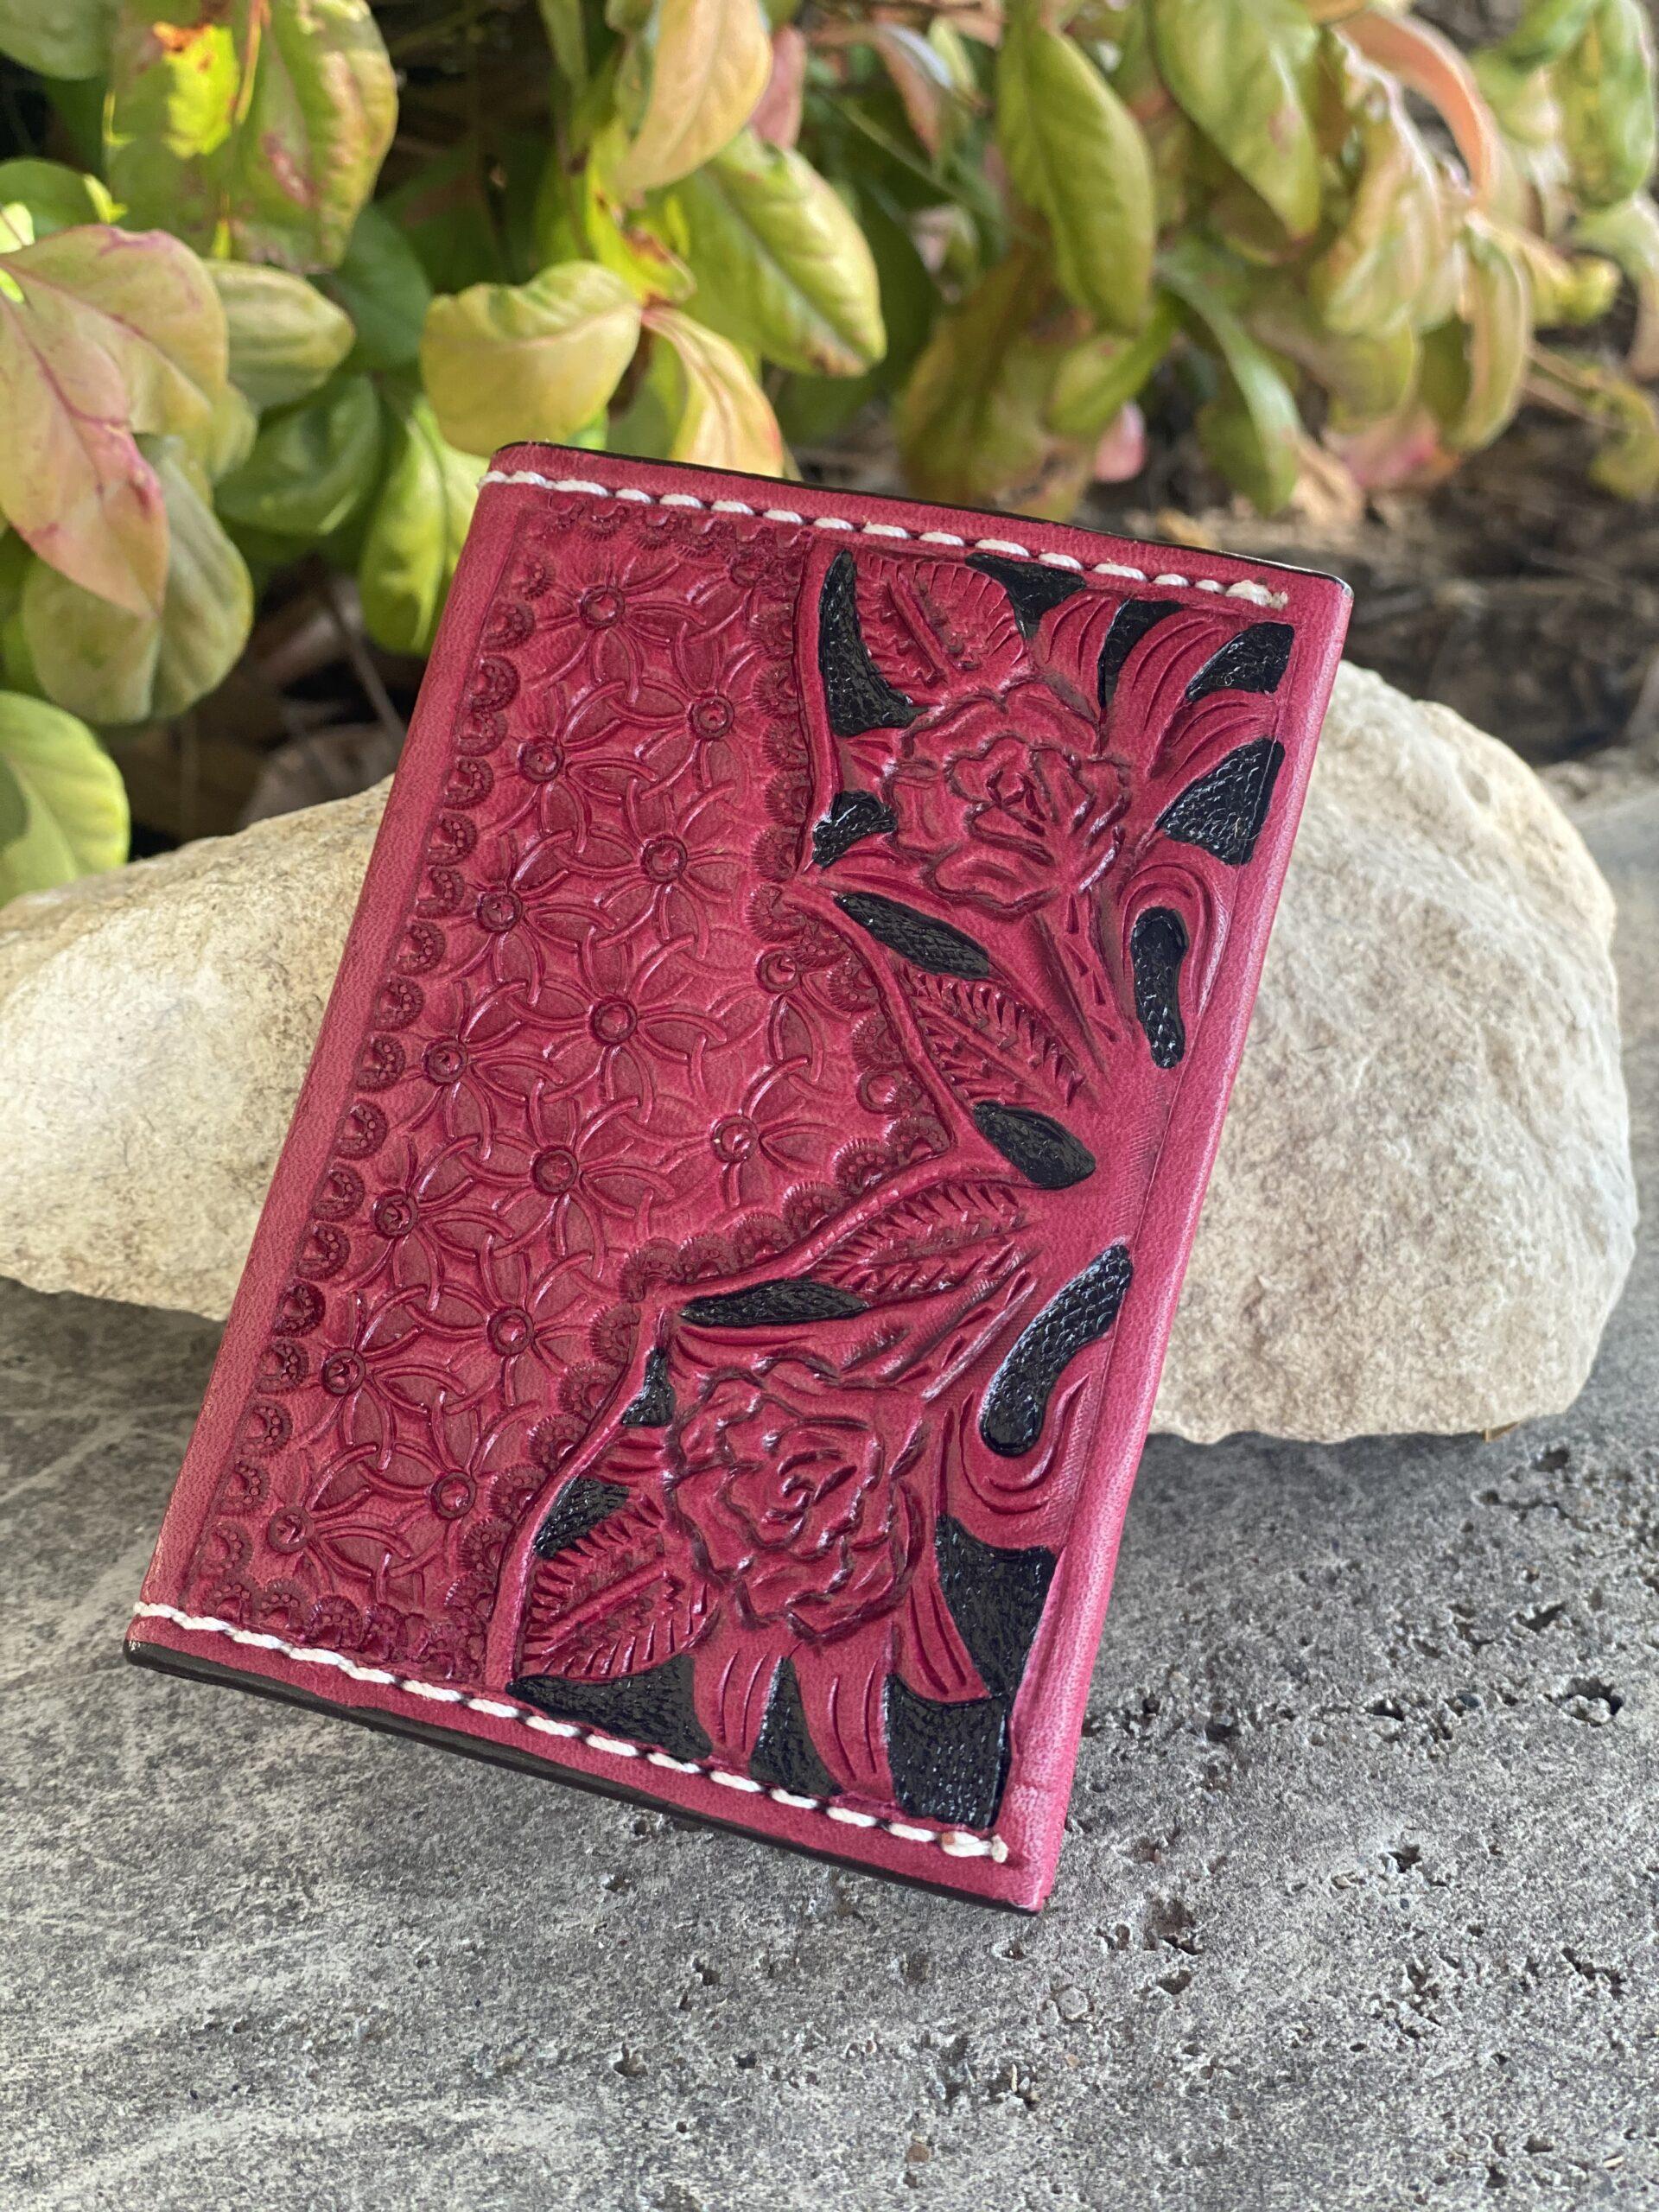 Card Holder Pink Rose tooled